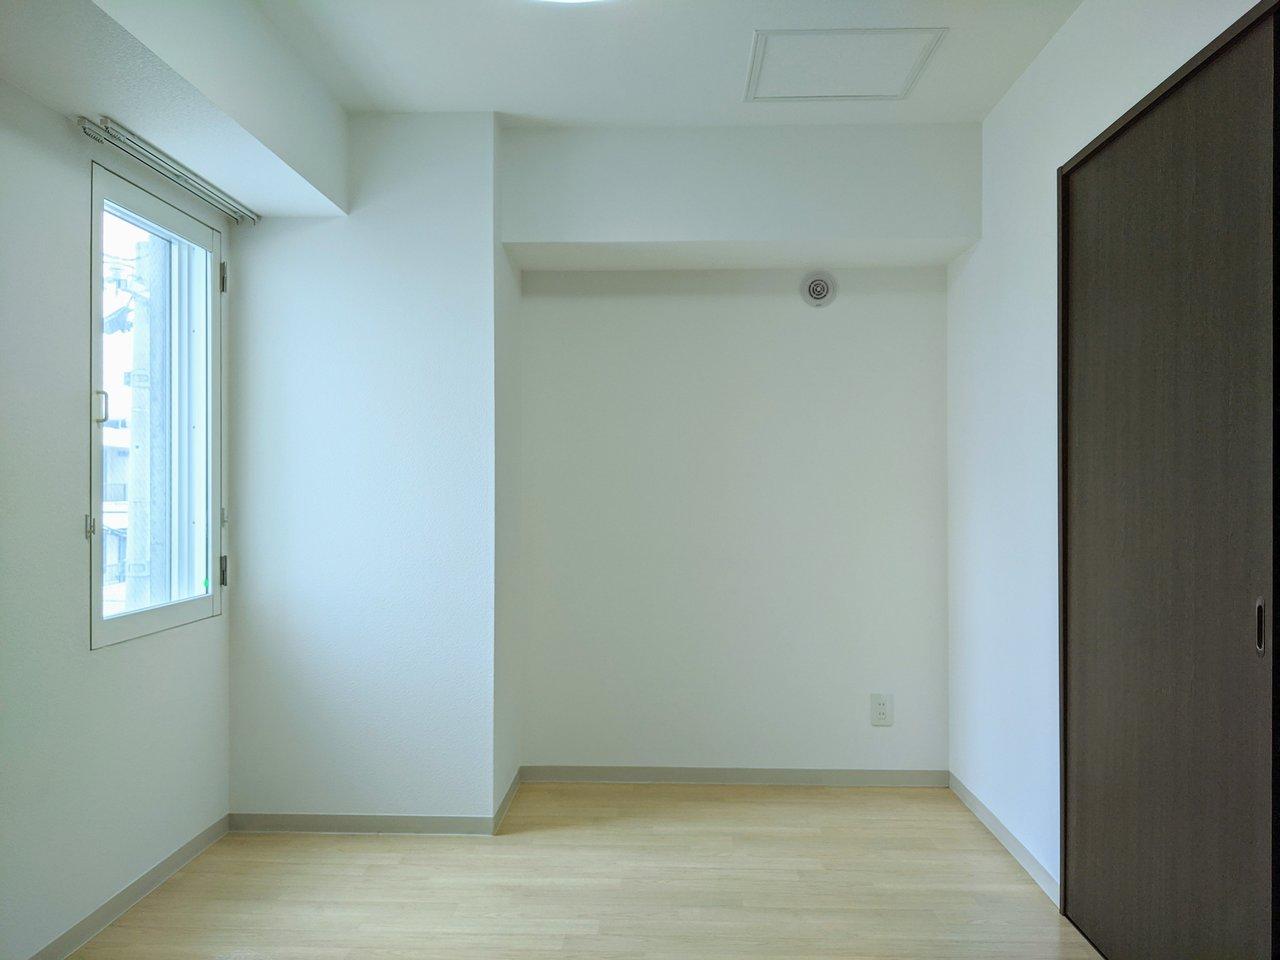 約5畳の洋室は寝室に。クローゼットと小窓がついていて便利そう。